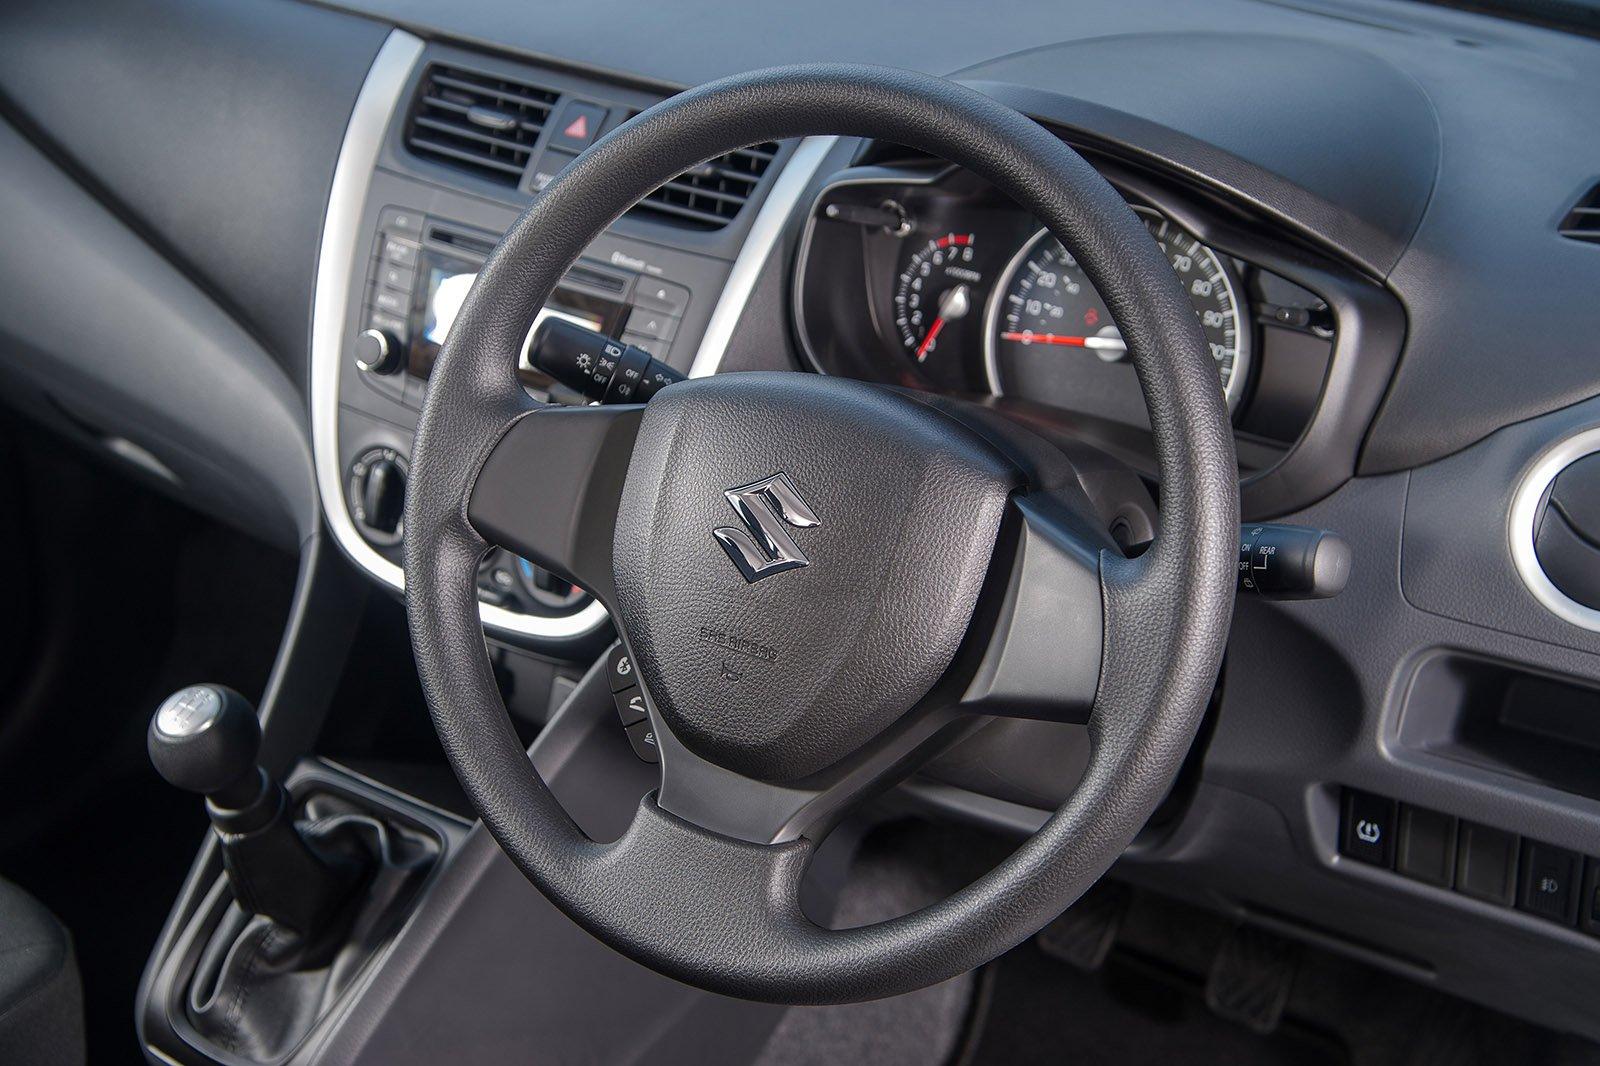 Suzuki Celerio 2019 RHD dashboard